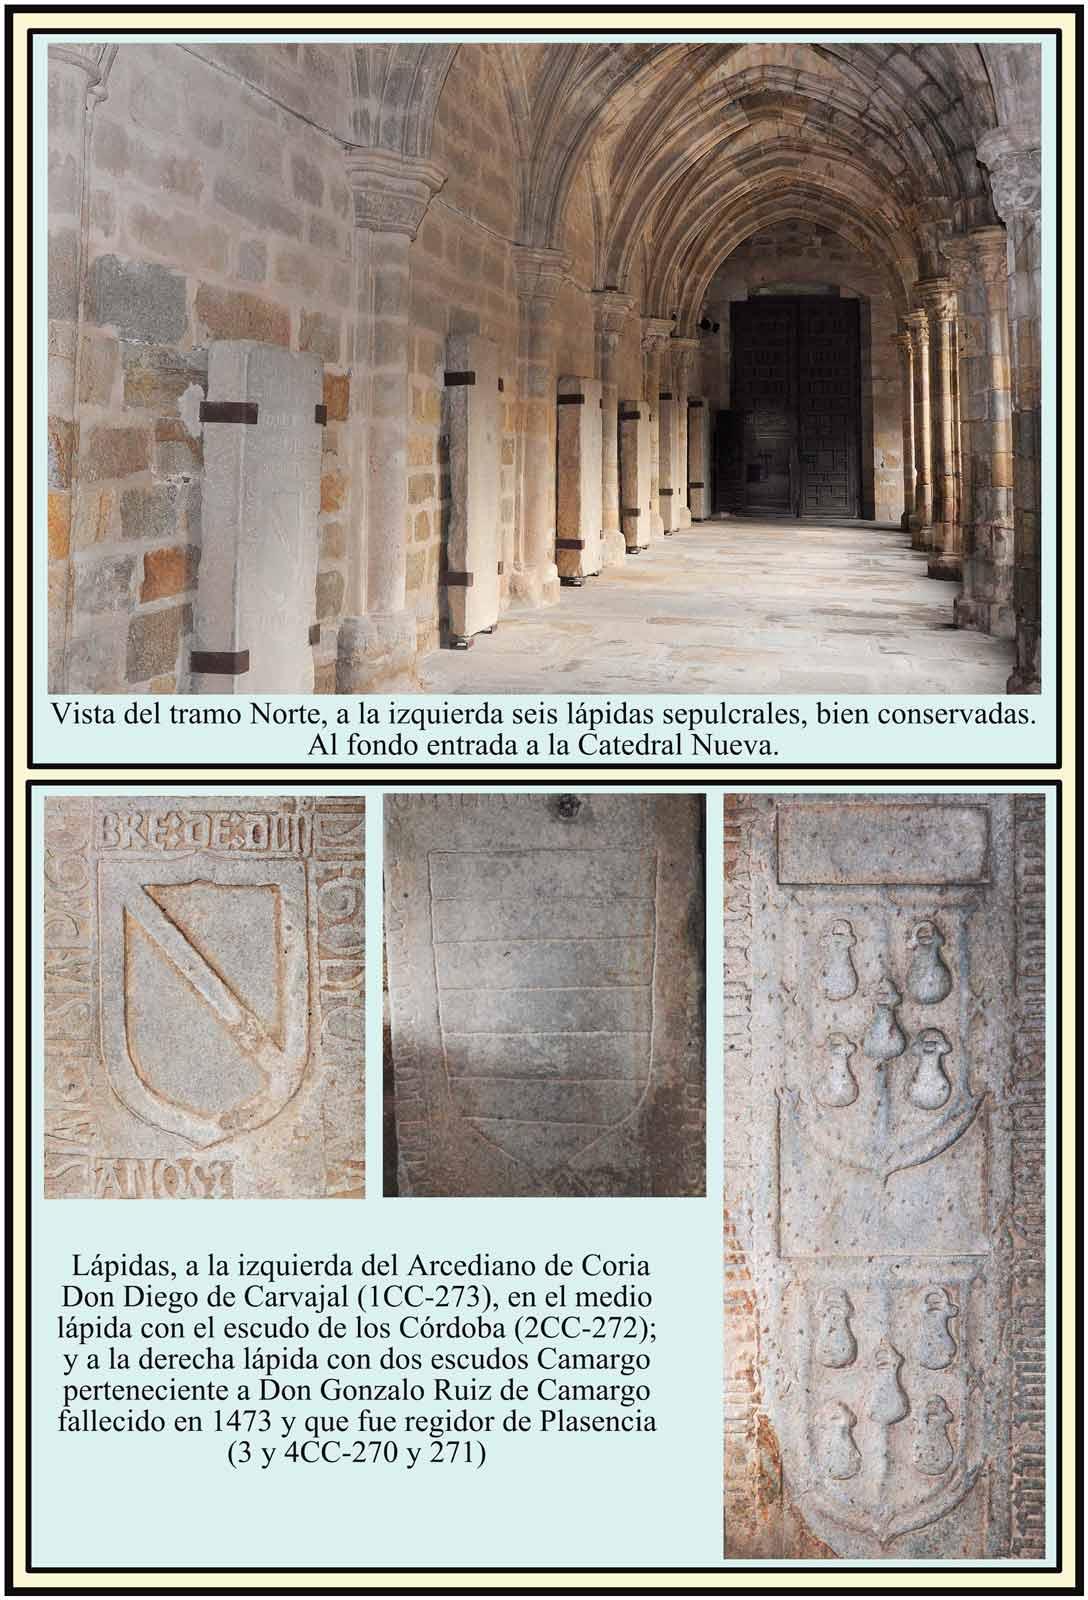 Lapidas Carvajal Cordova Camargo en el Claustro de la Catedral Plasencia